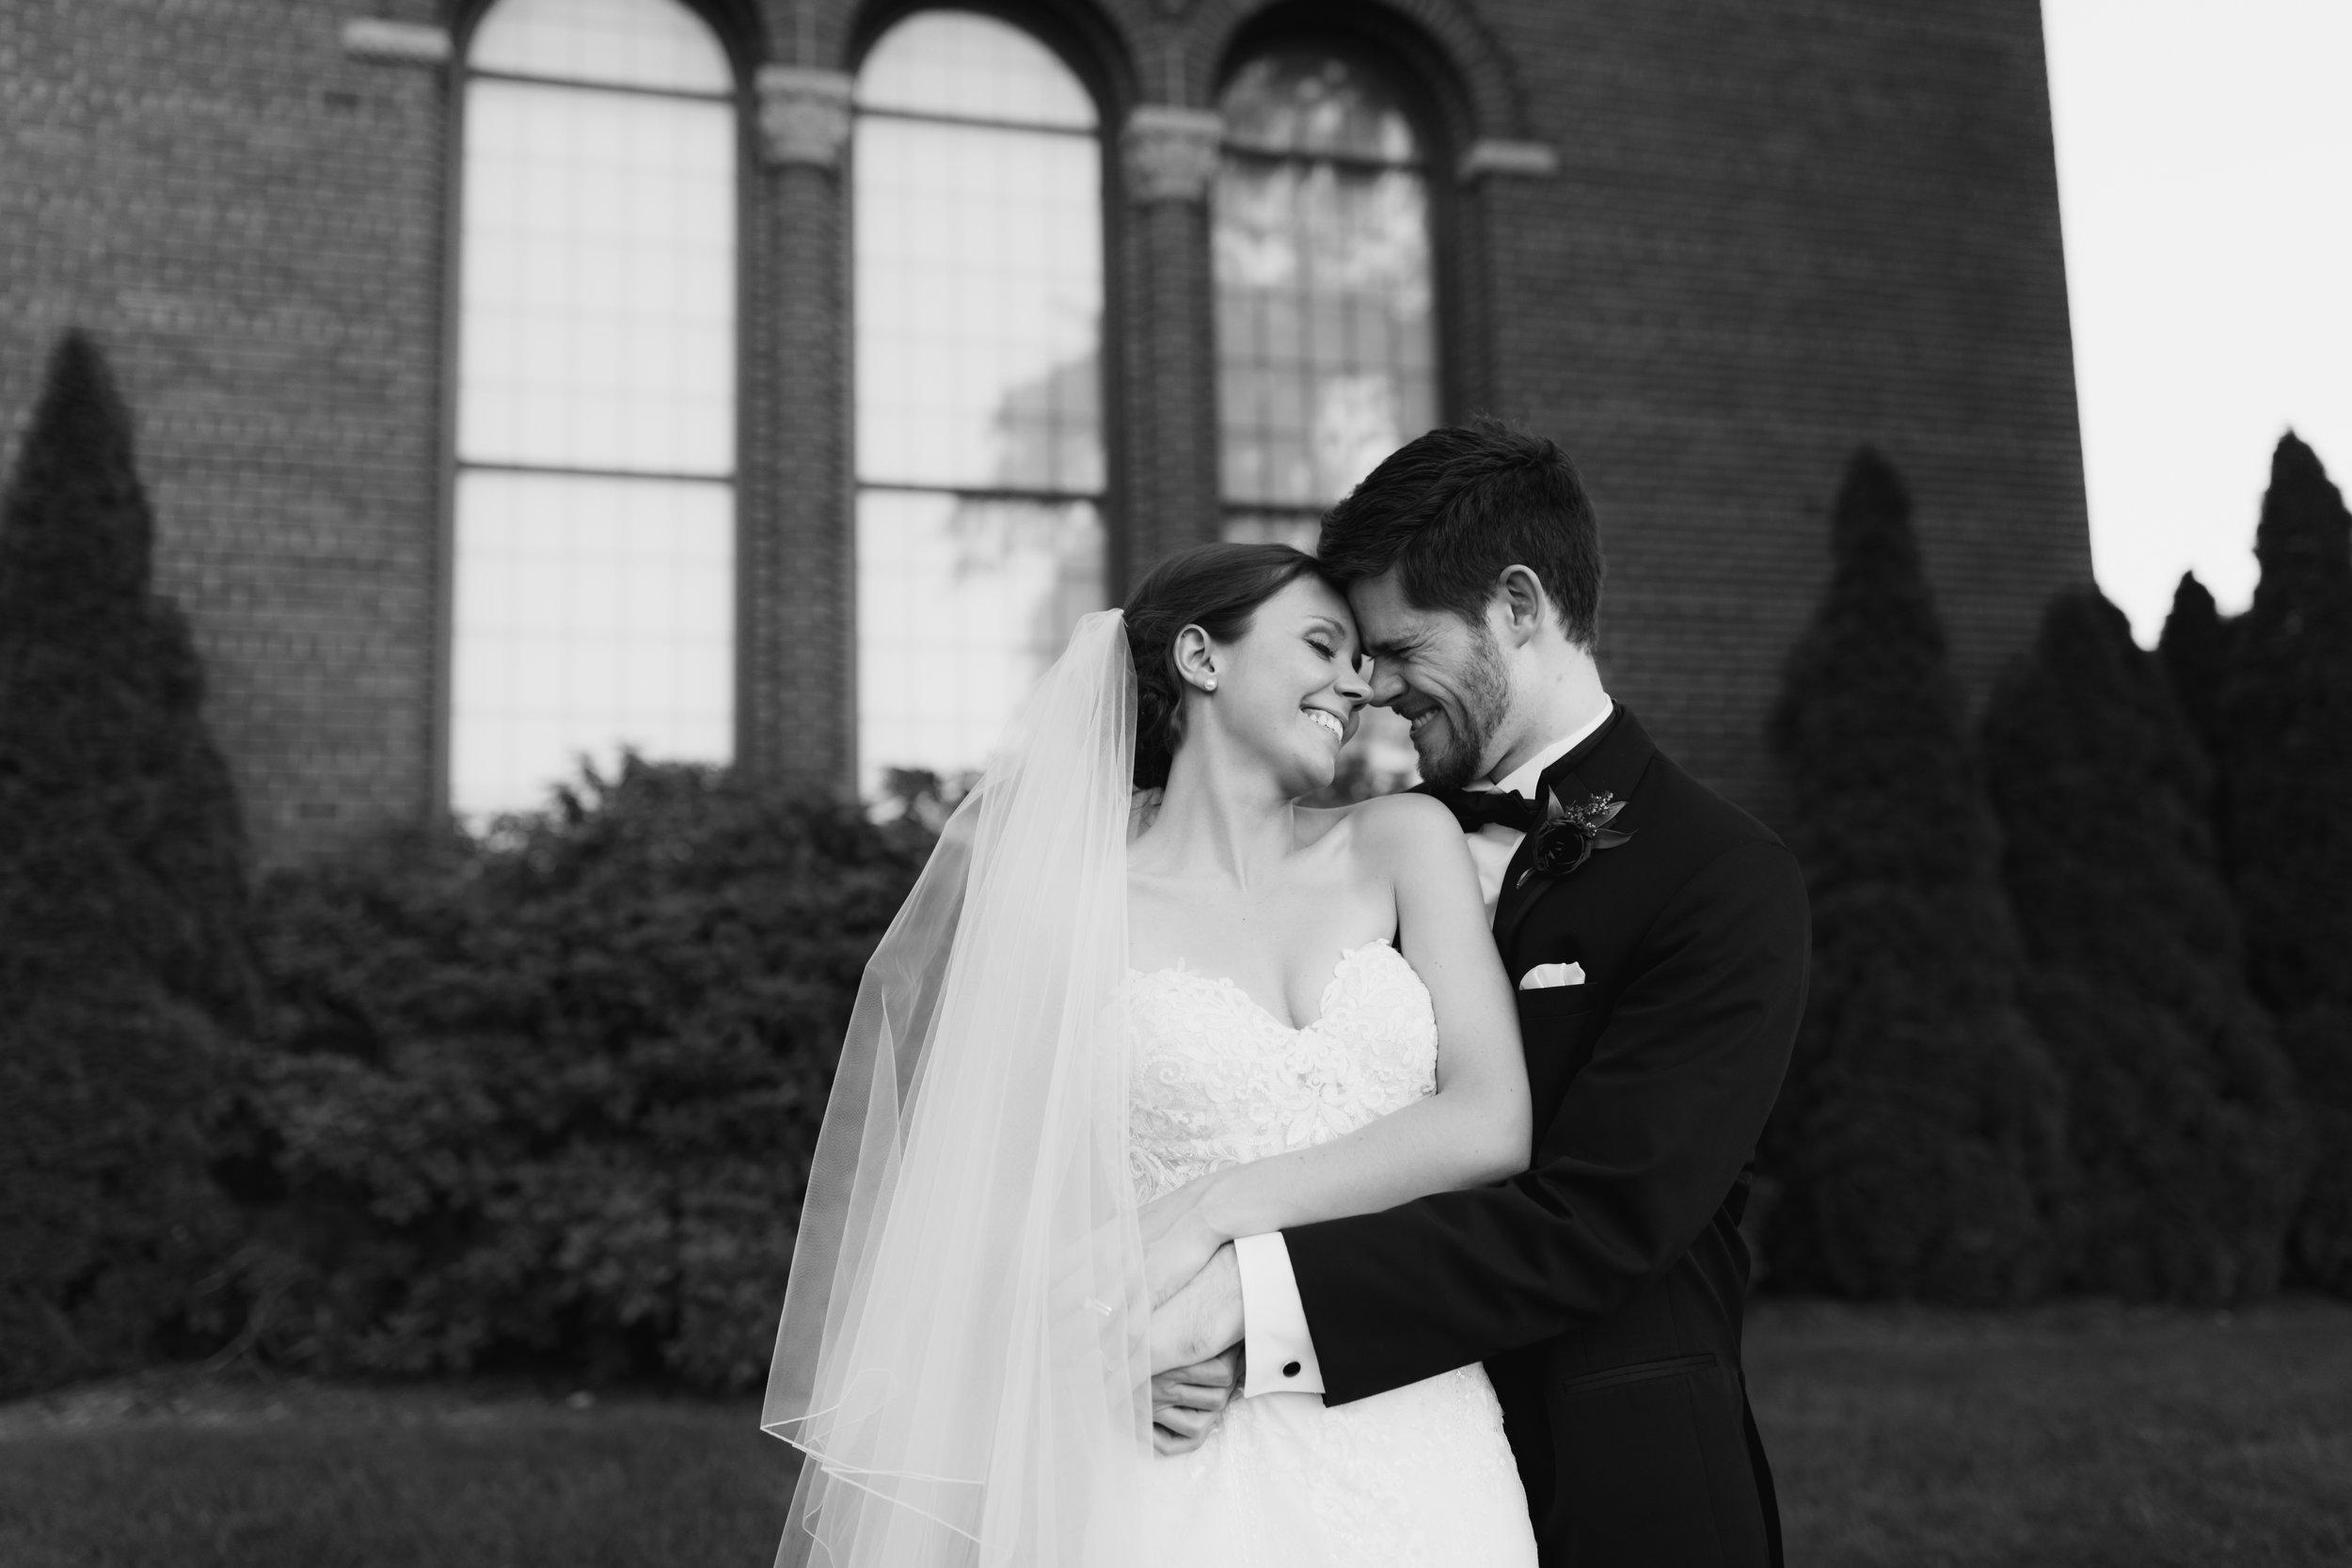 shareyah_John_detroit_wedding_preview_068.JPG